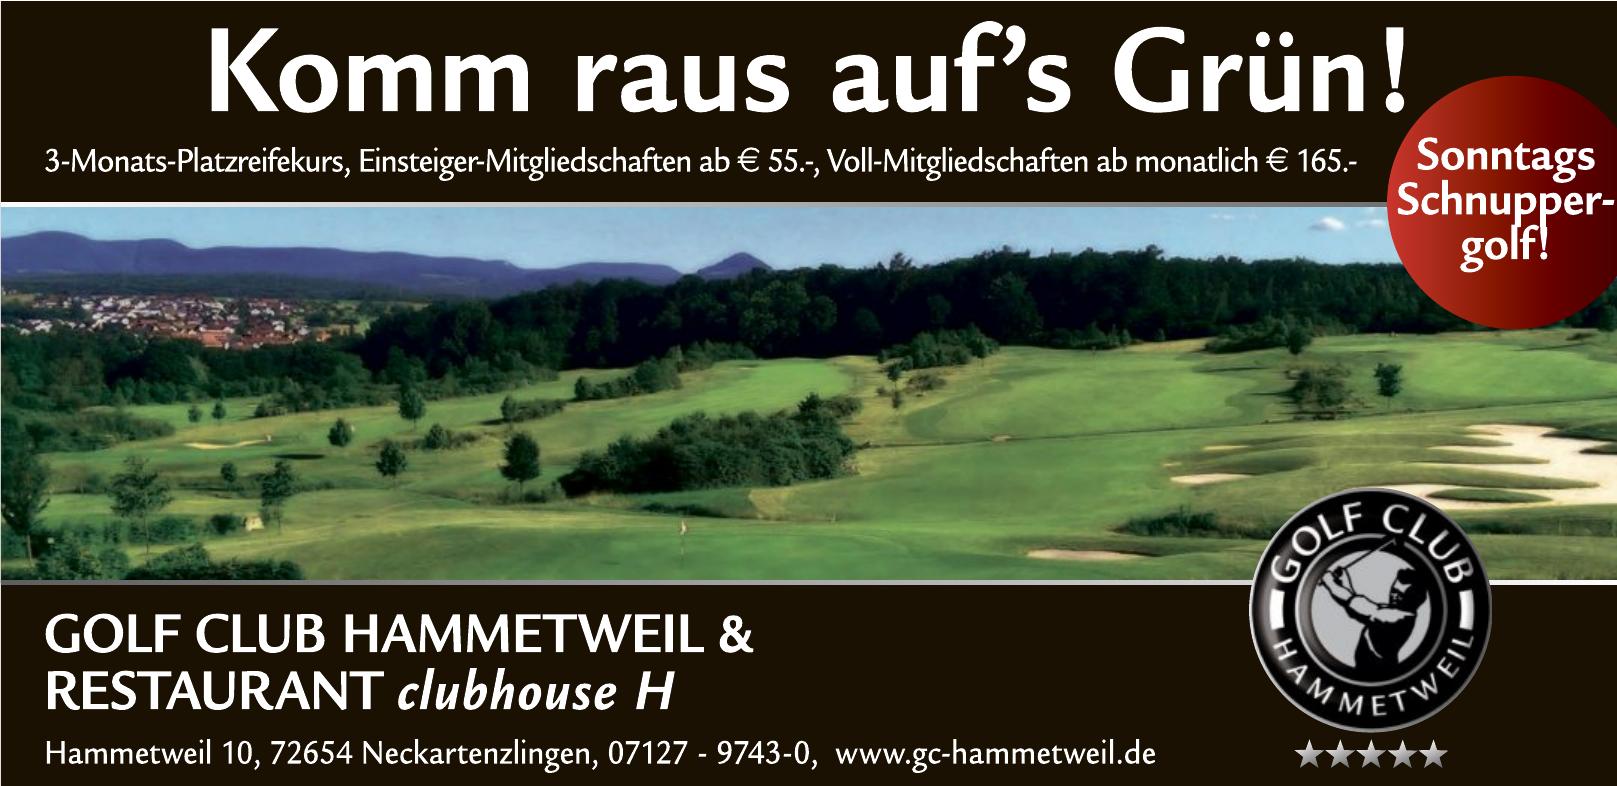 Golf Club Hammetweil GmbH & Co. KG